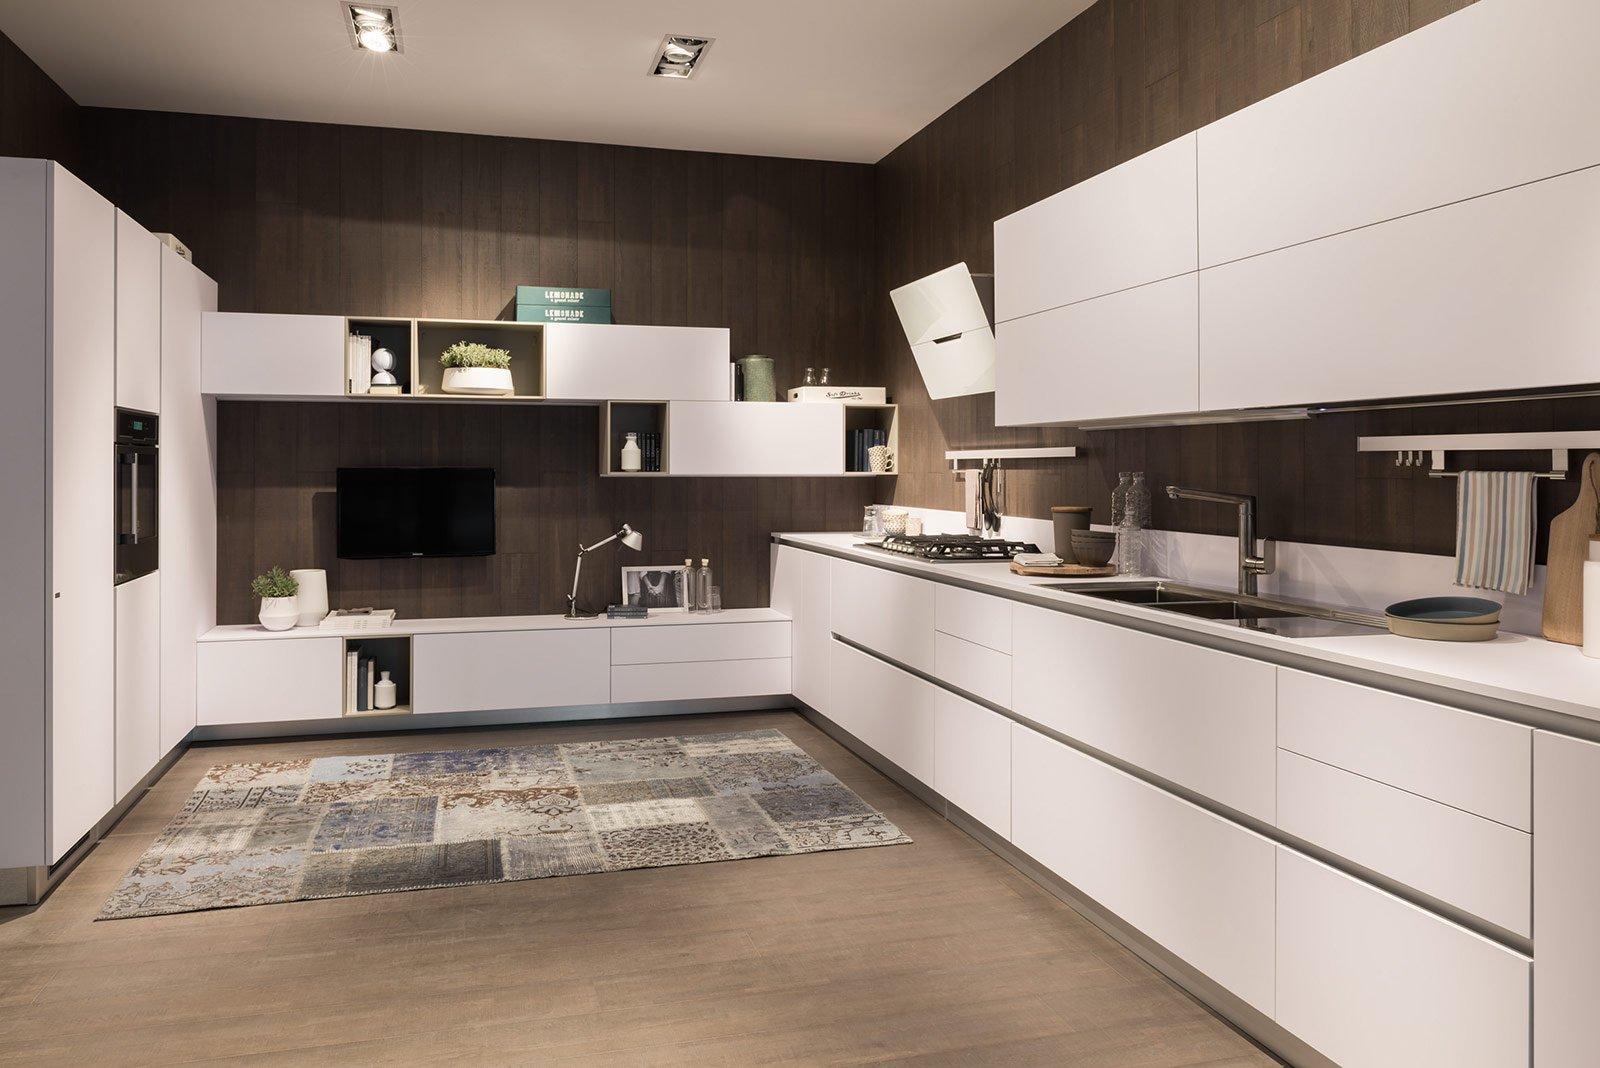 Cucina e soggiorno openspace: funzioni divise o spiccata ...